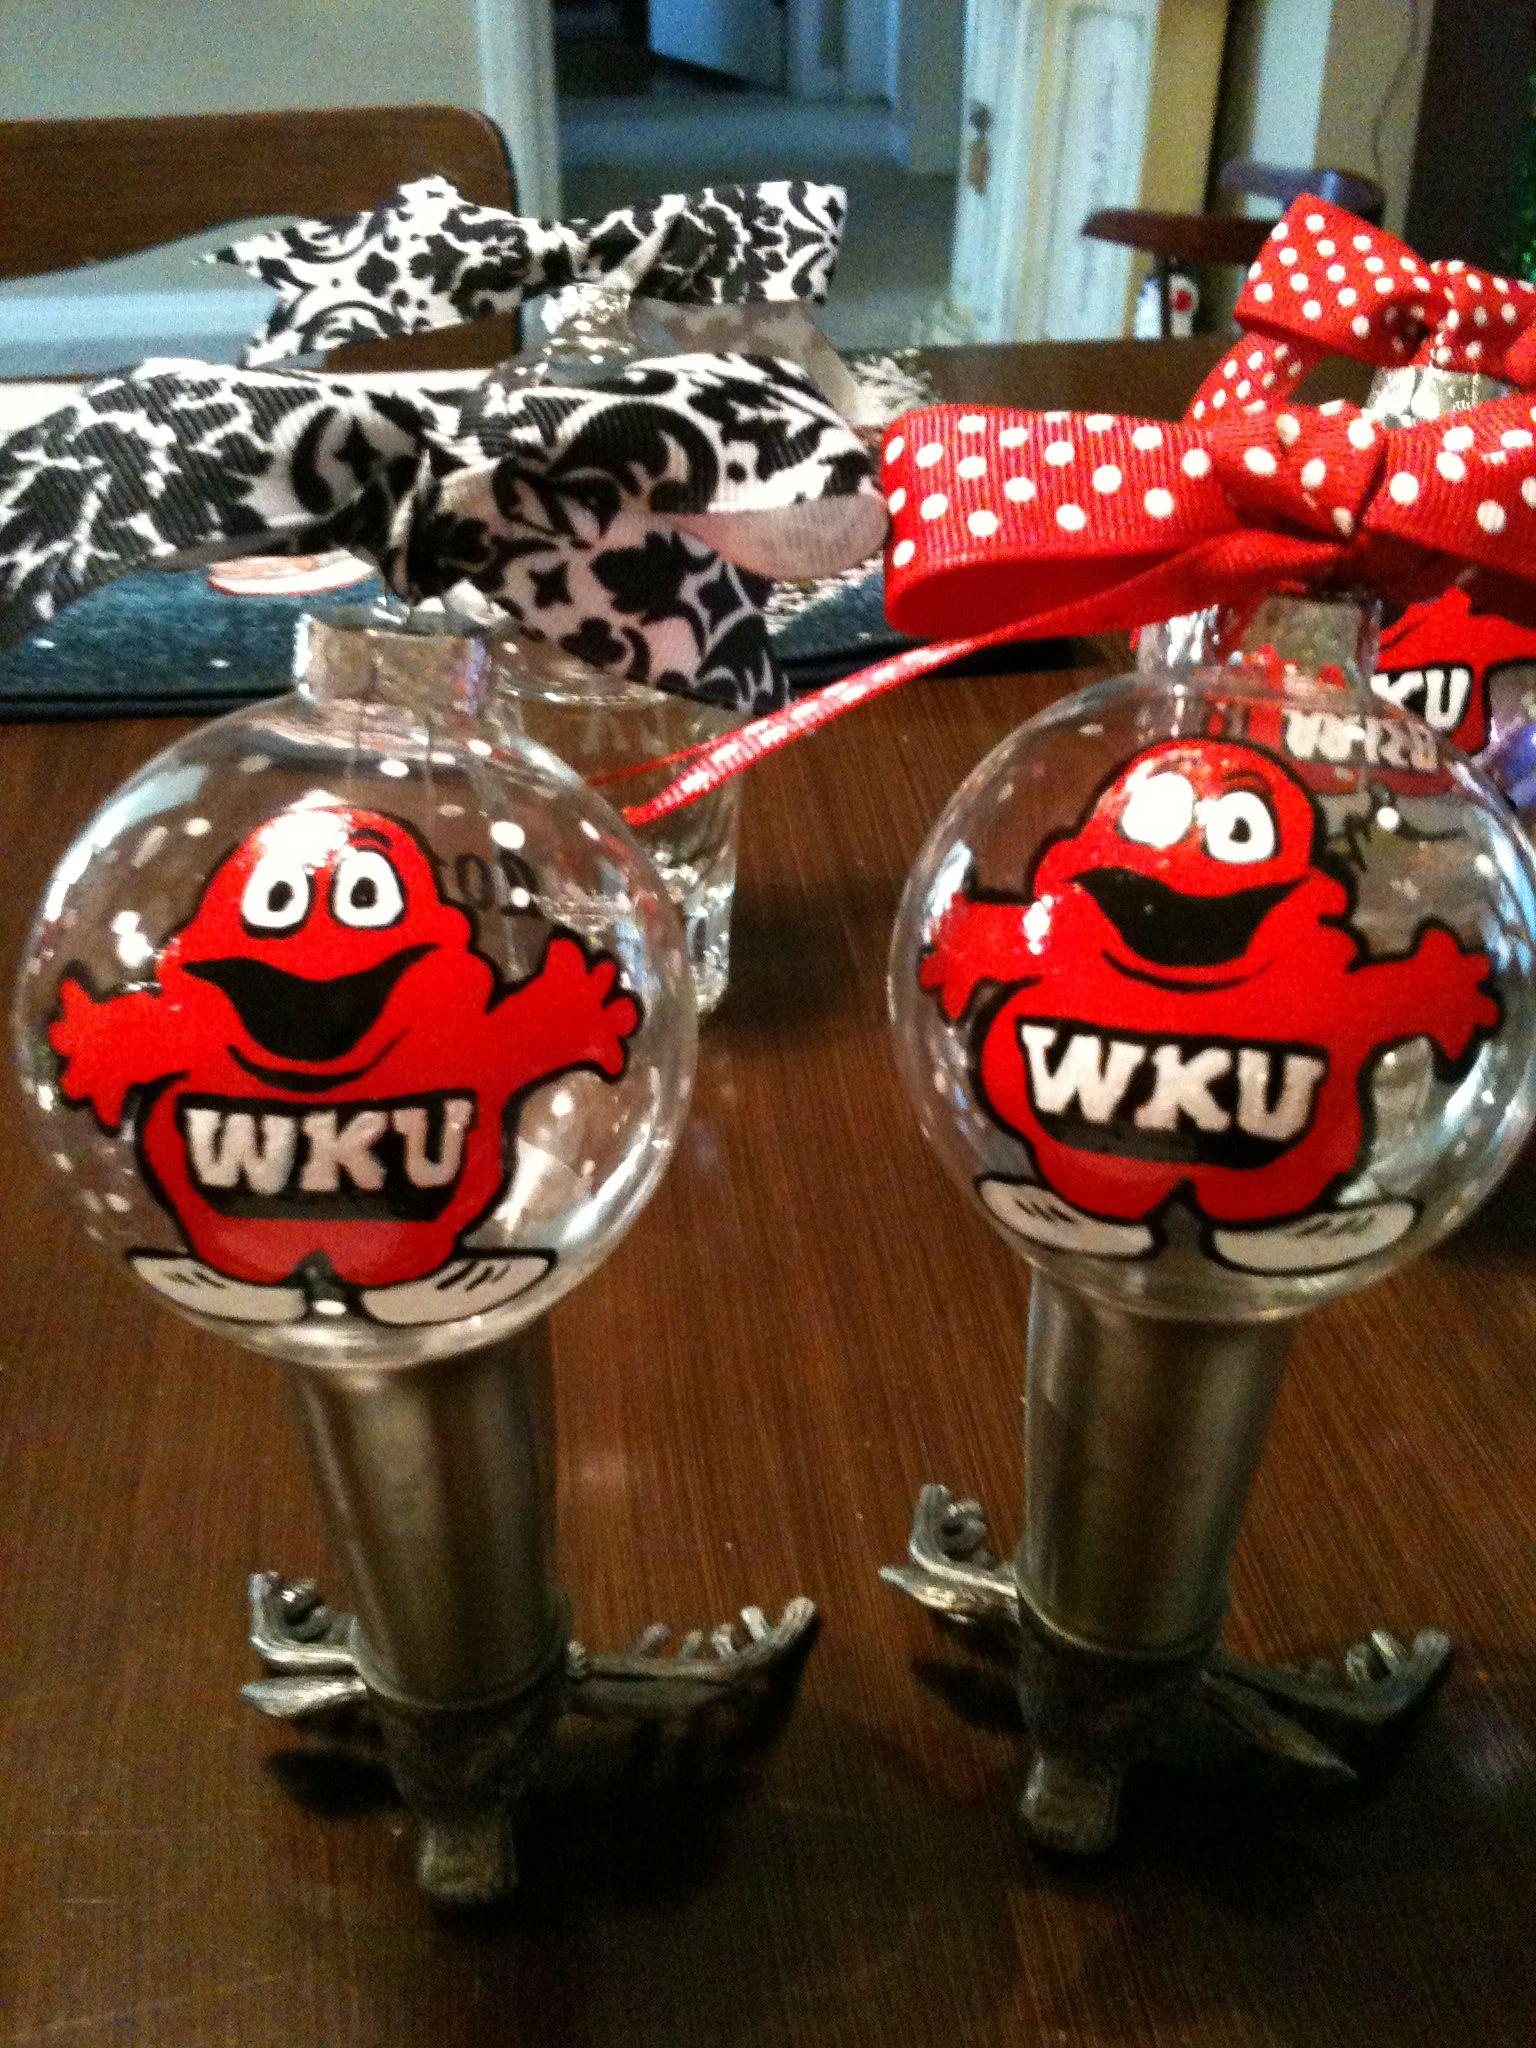 Wku Ornaments